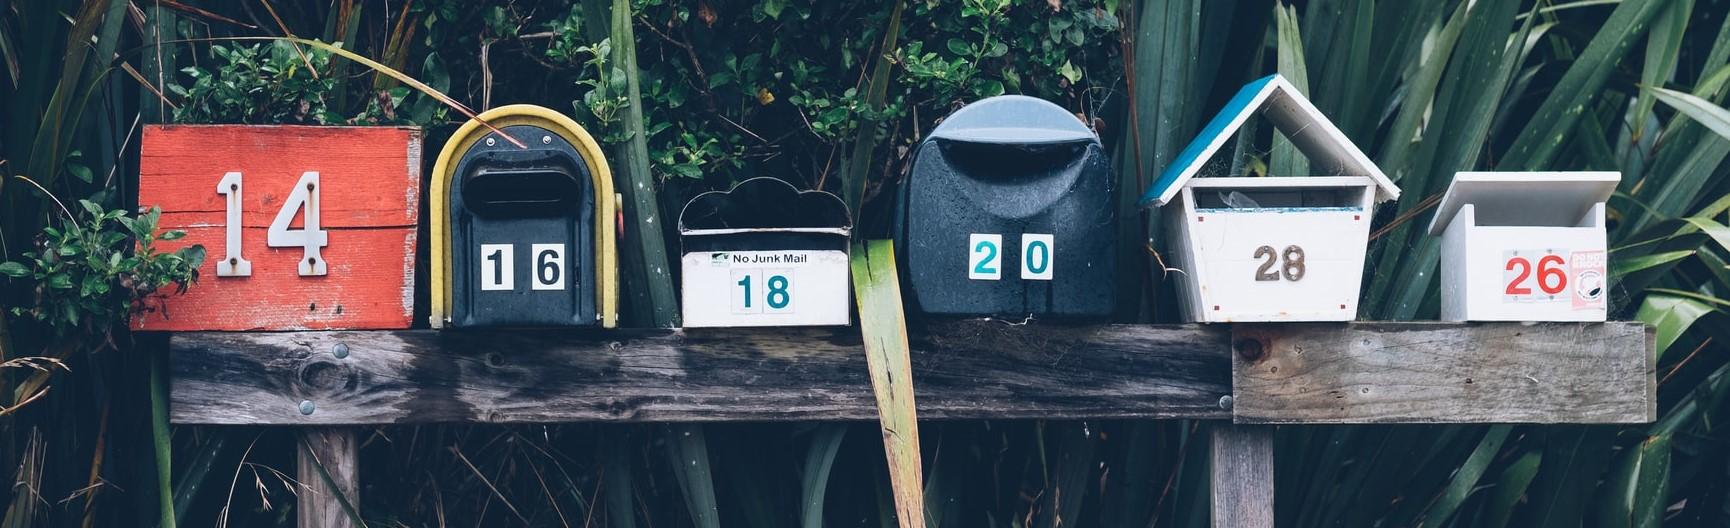 Letter boxes photo 1466096115517 bceecbfb6fde 2